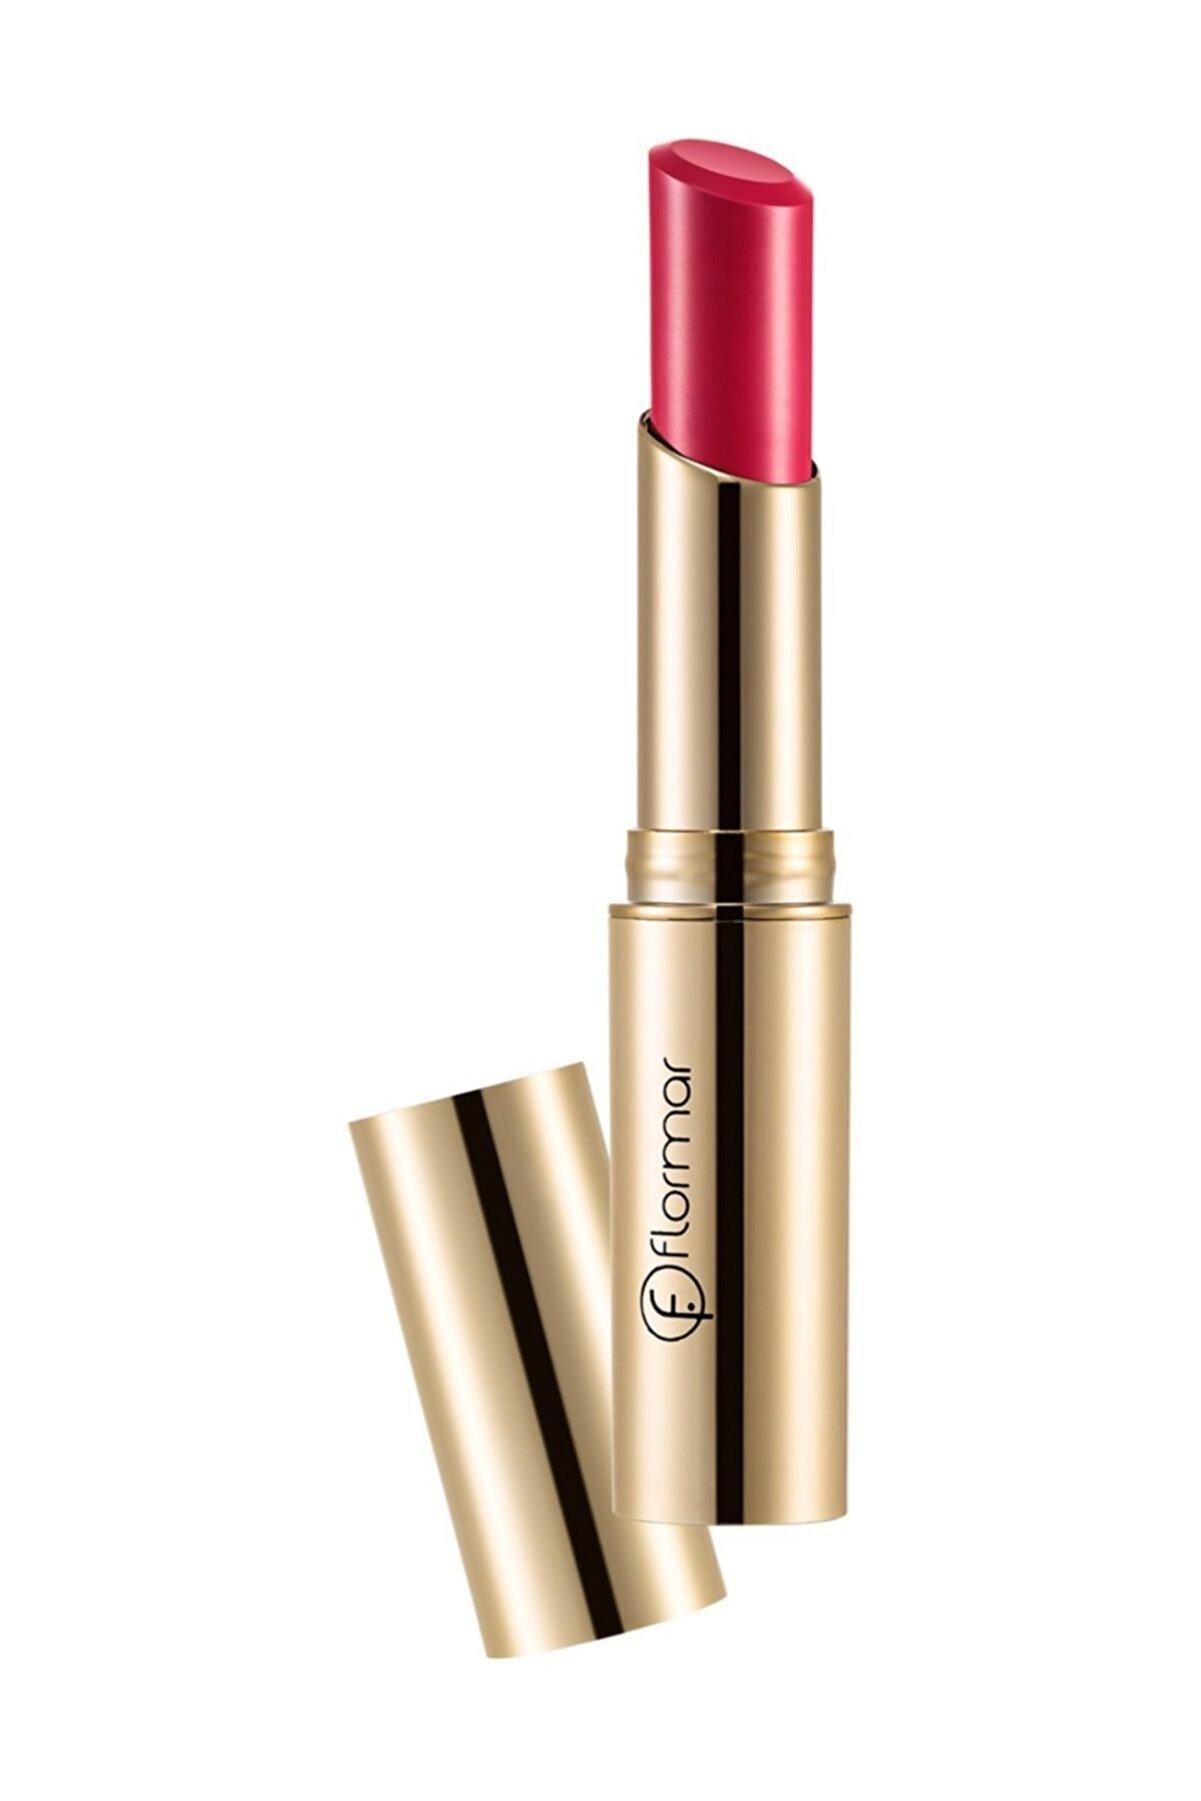 Flormar Deluxe Cashmere Lipstick Stylo Mat Koyu Kırmızı Ruj DC24 8690604184491